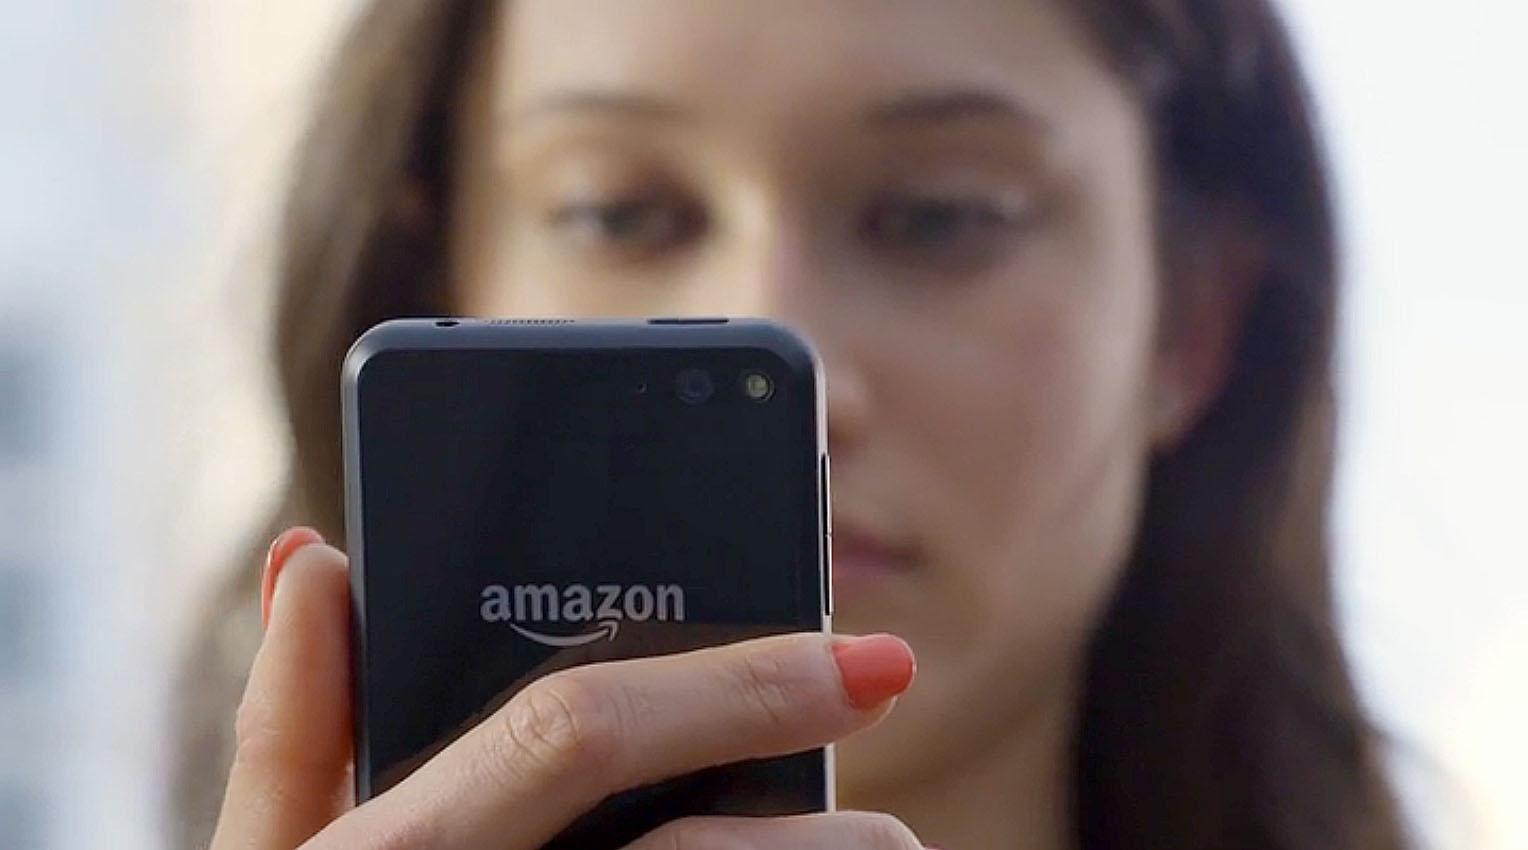 Amazon avskedar utvecklare och skiftar fokus